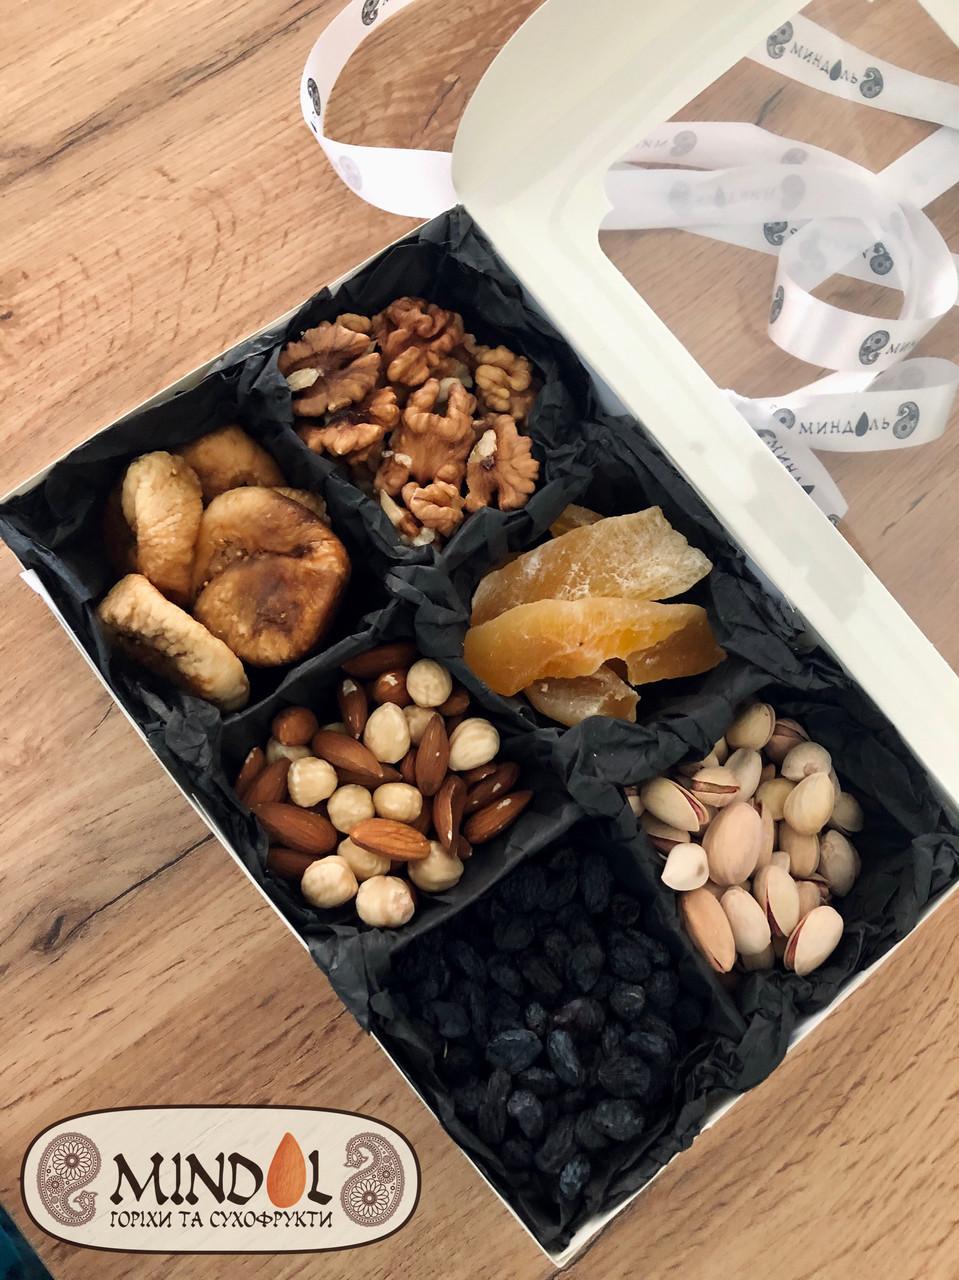 """Подарунковий набір з горіхів і сухофруктів """"Mindal"""""""